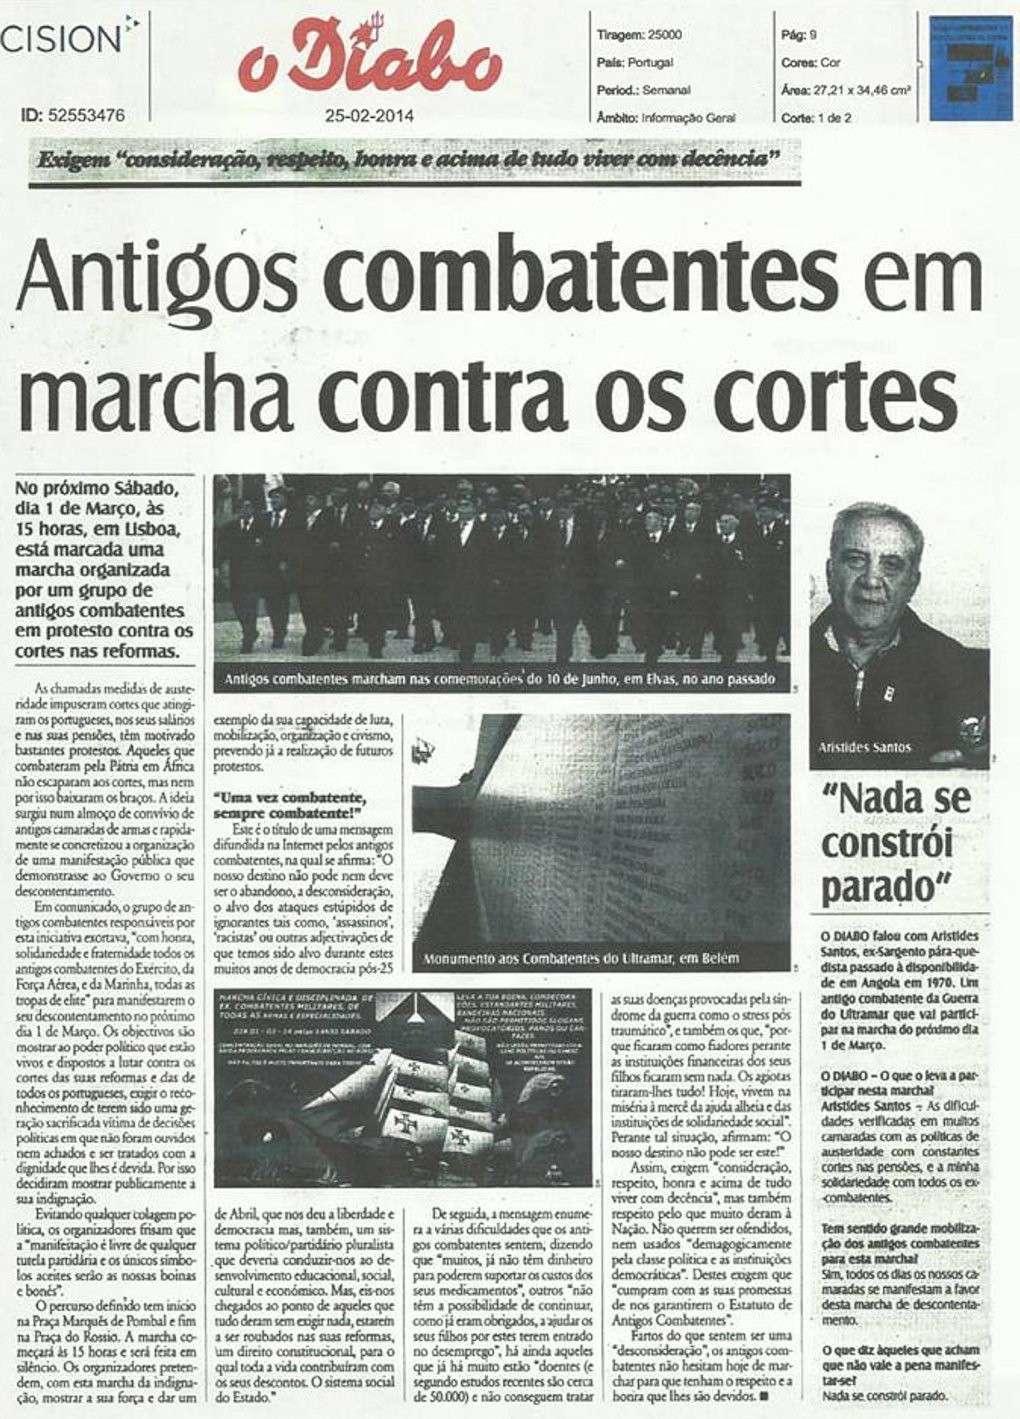 Antigos Combatentes em marcha contra os cortes - imagem de José Silva Marcelino Martins Jorana10